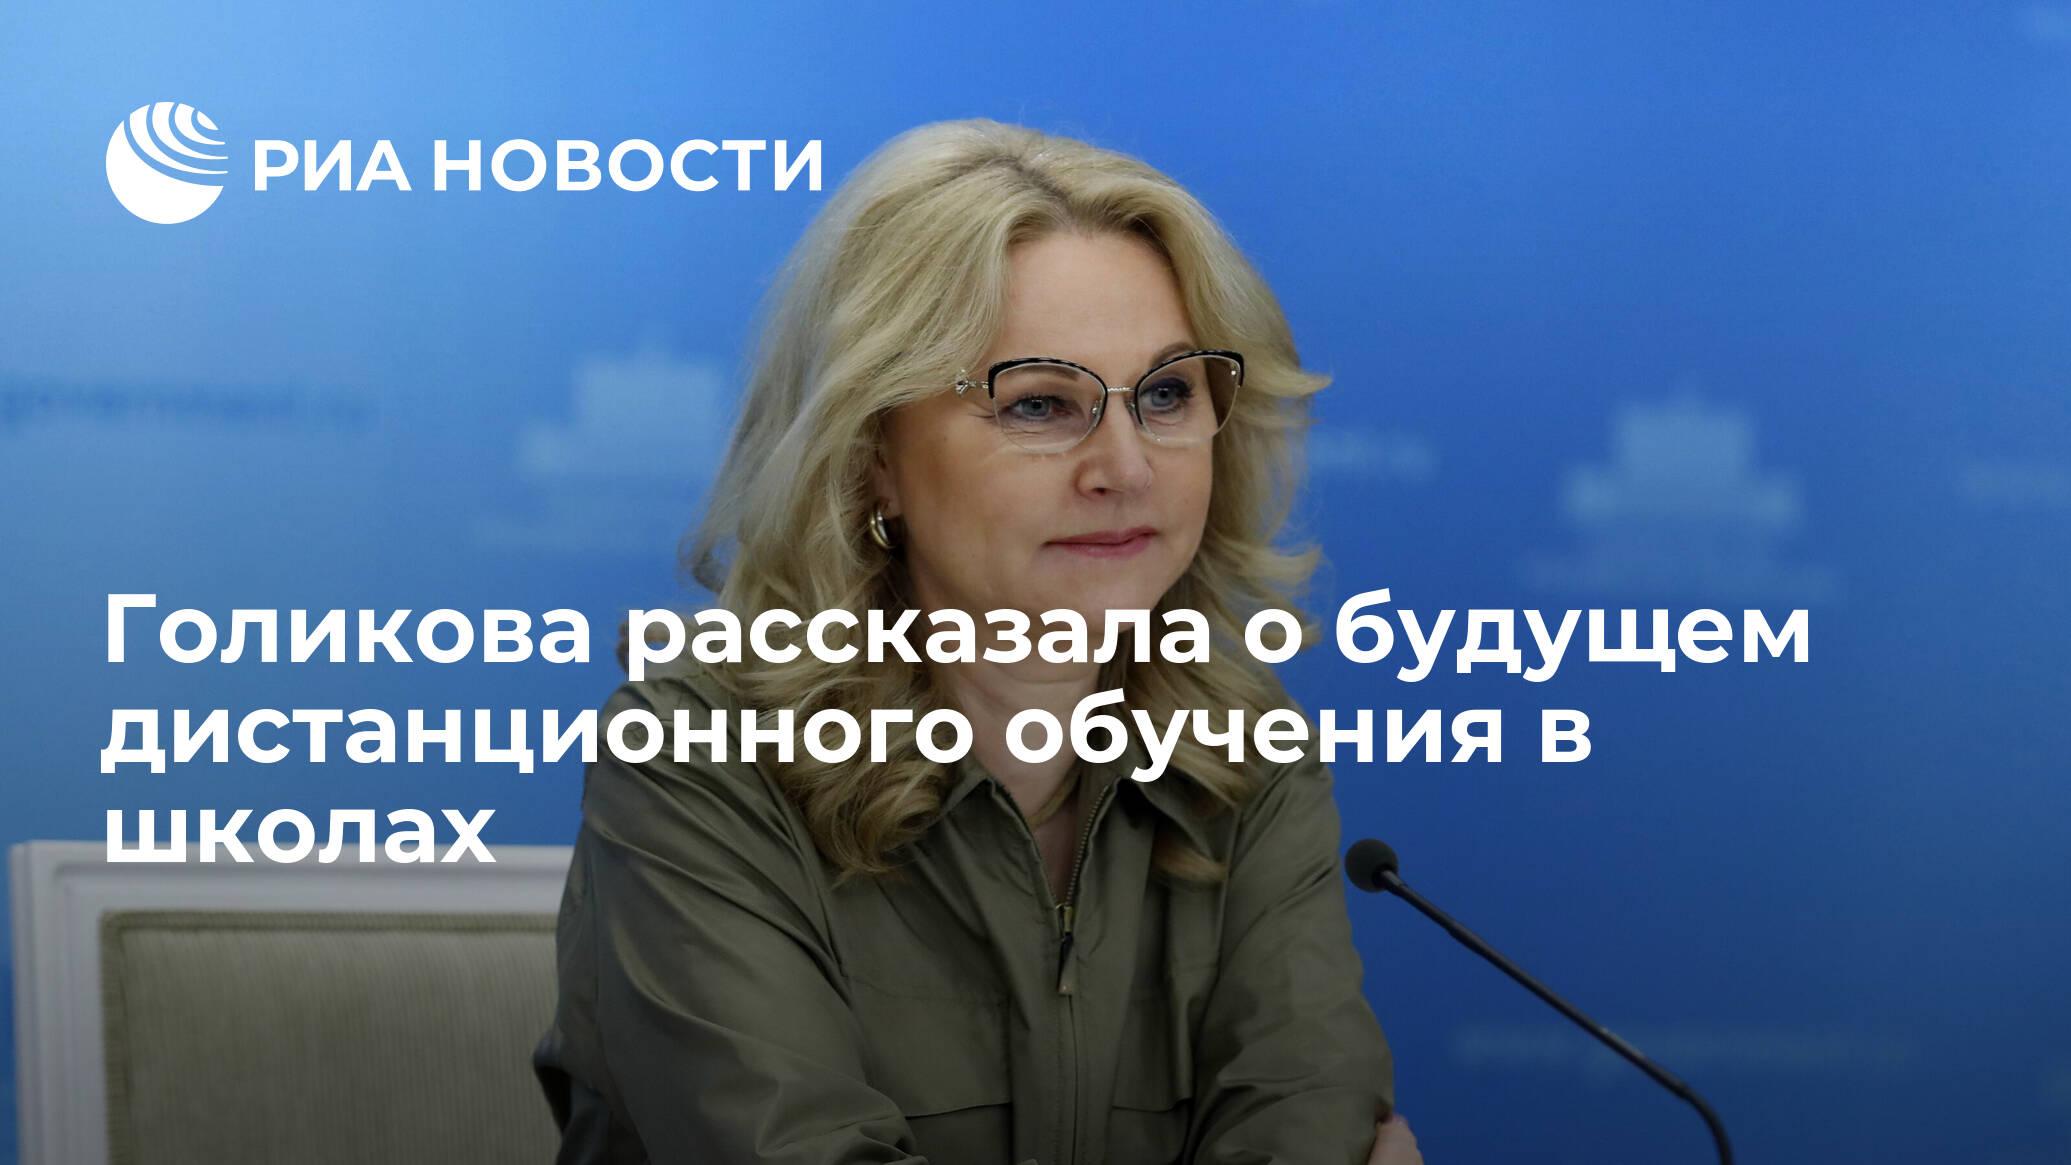 Голикова рассказала о будущем дистанционного обучения в школах